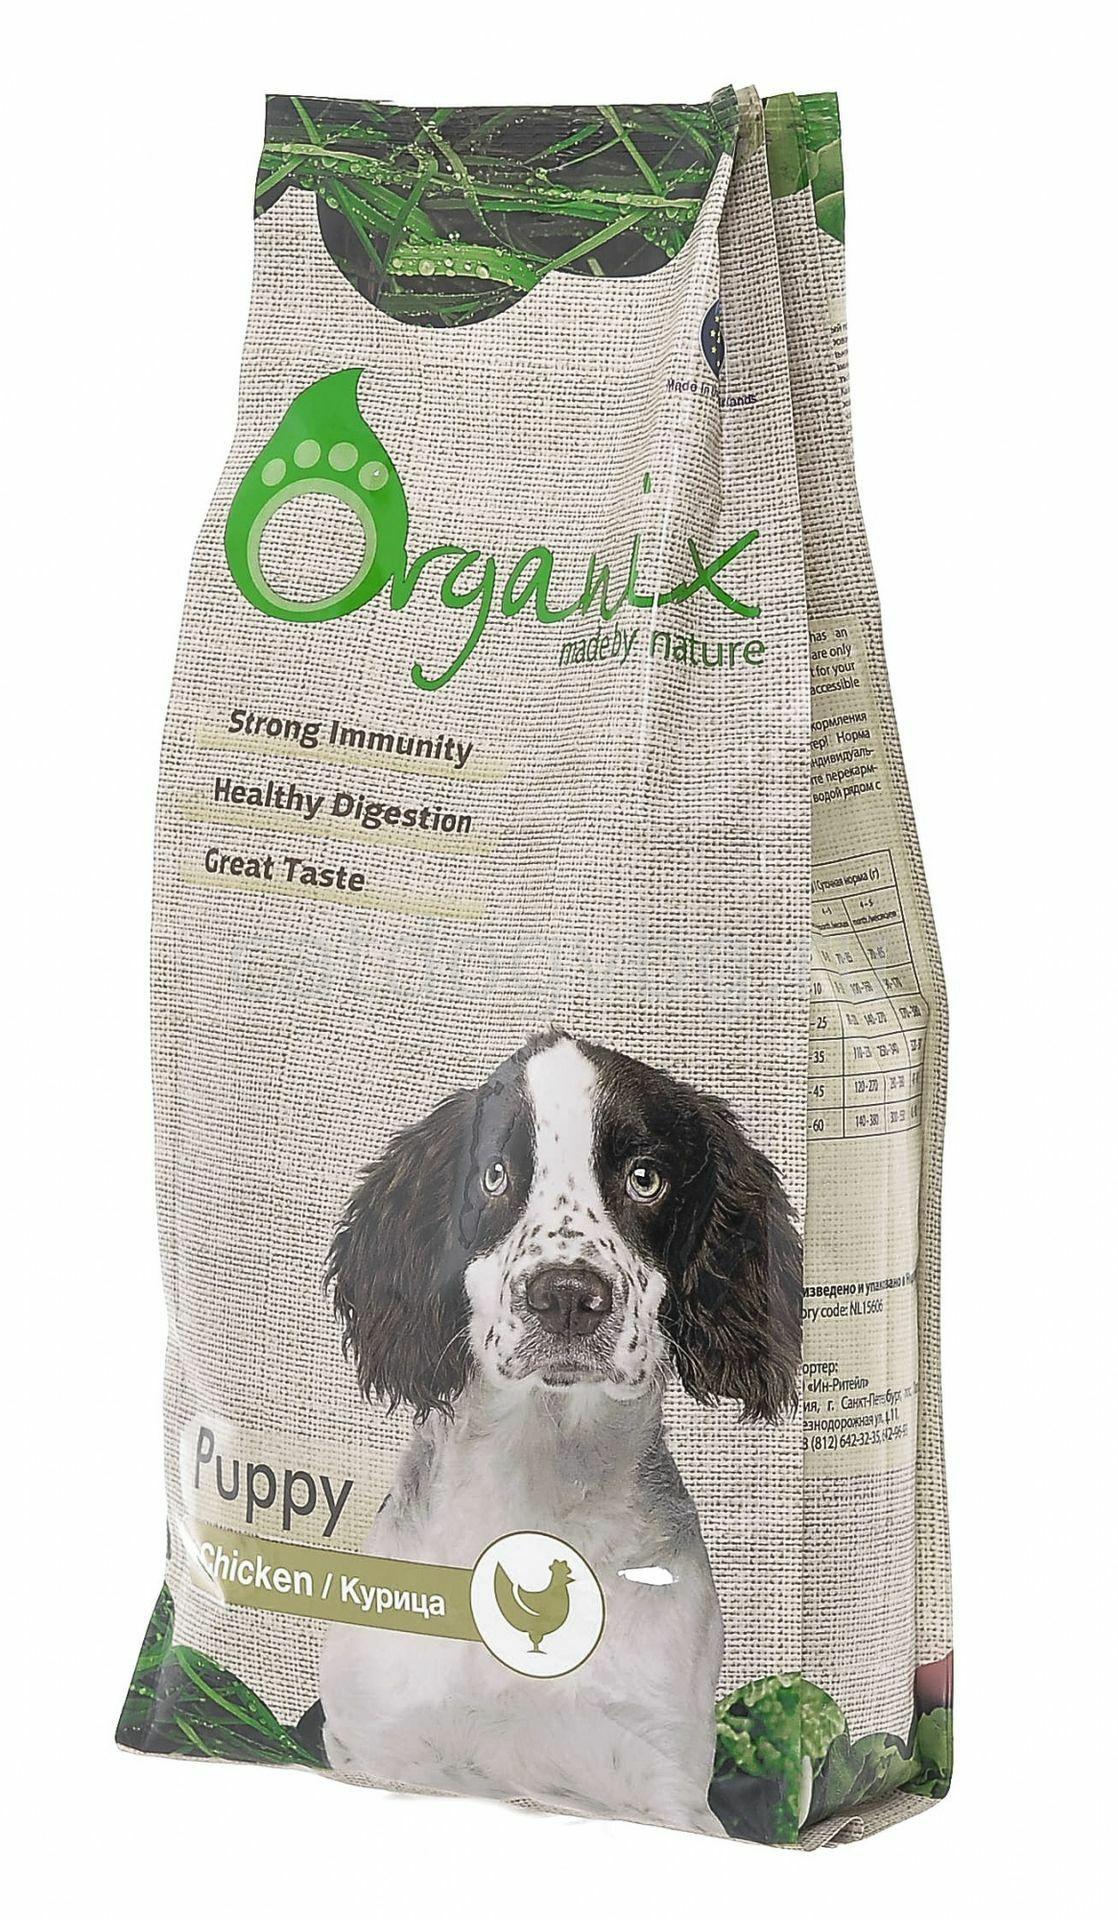 Органикс: корм для собак и щенков, состав